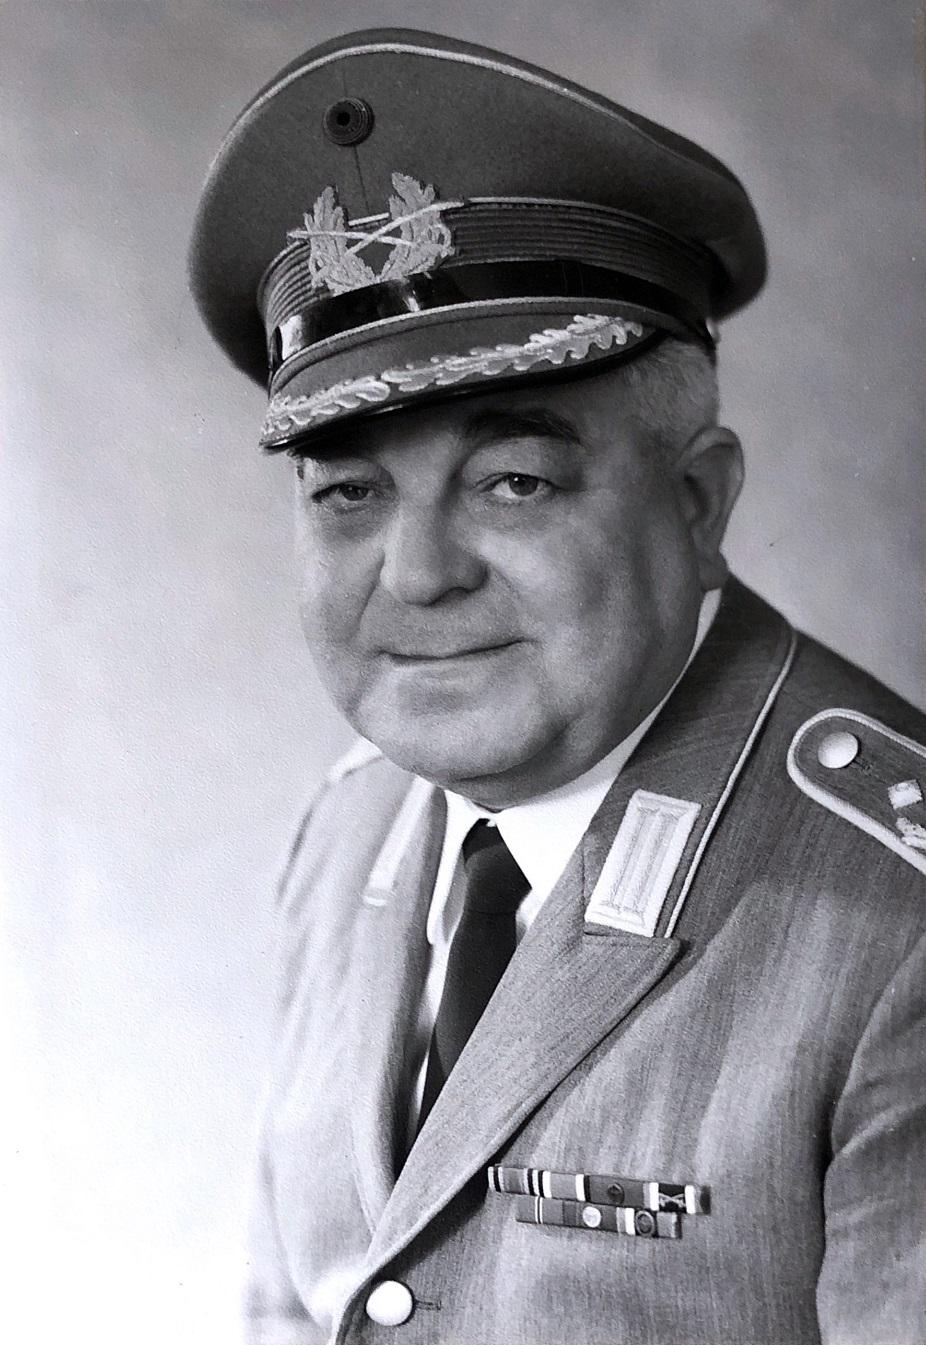 Oberstleutnant Josef Hoser leitete das Heeresmusikkorps Ulm von 1967 bis 1973